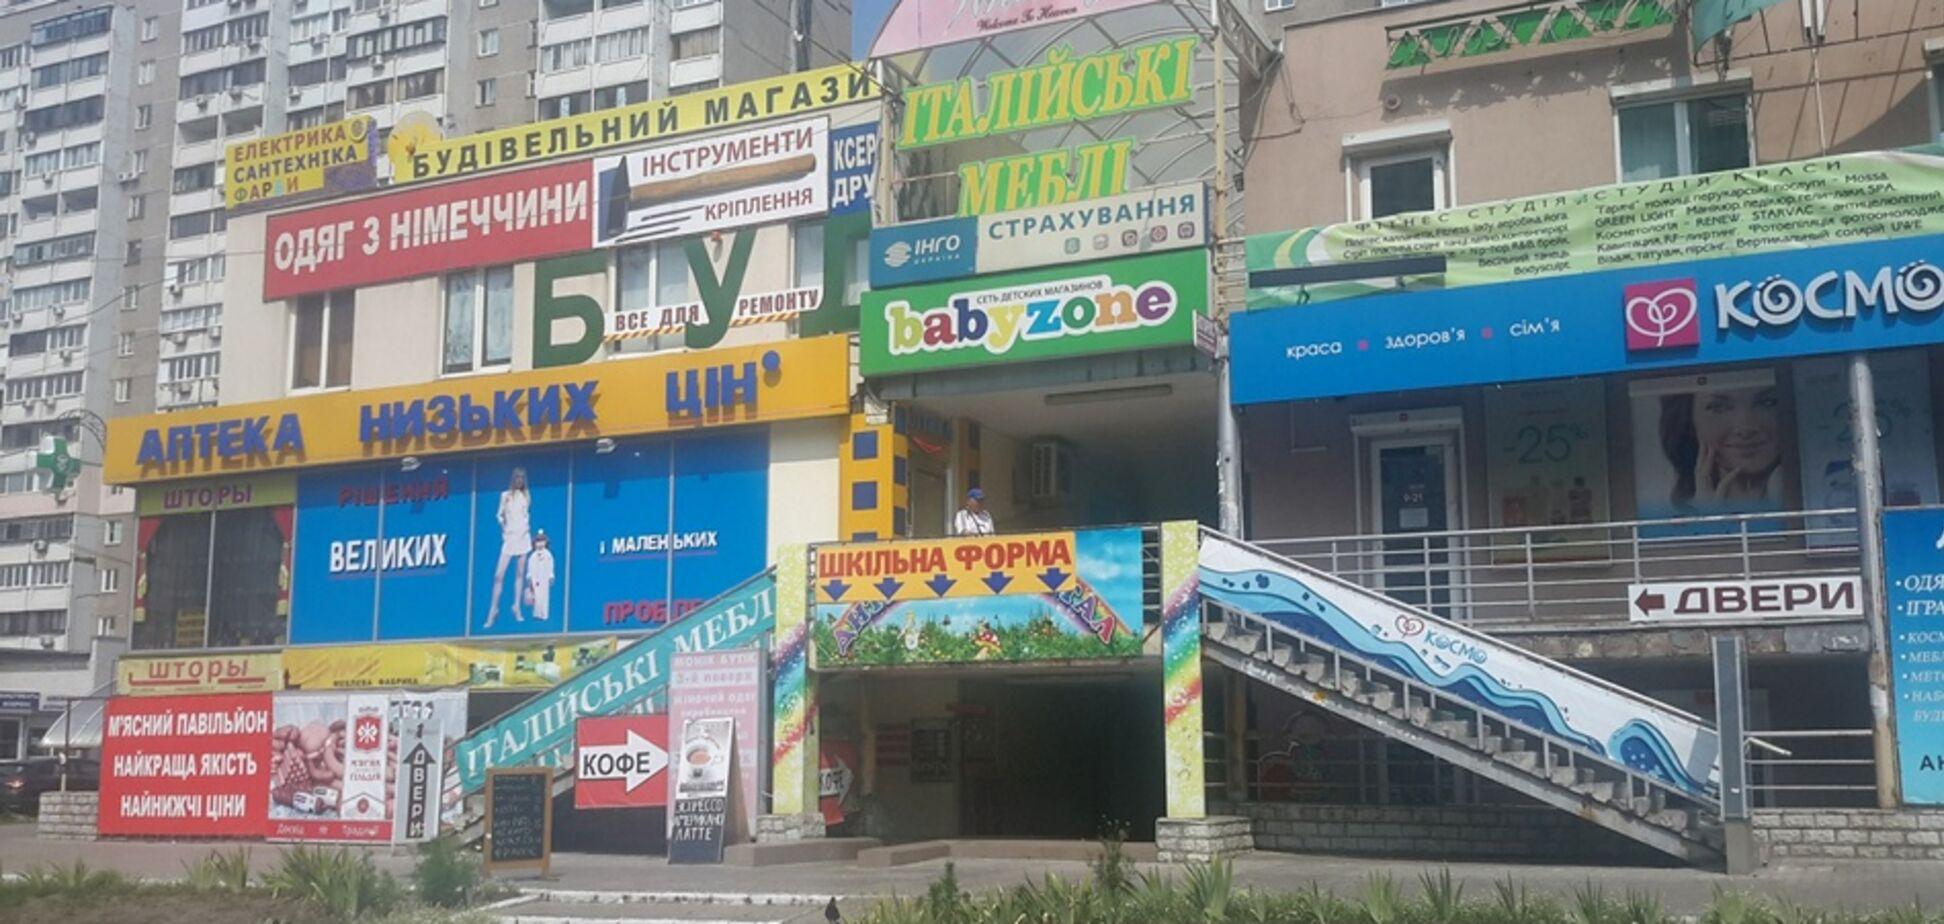 В Киеве можно будет оформить рекламные вывески онлайн